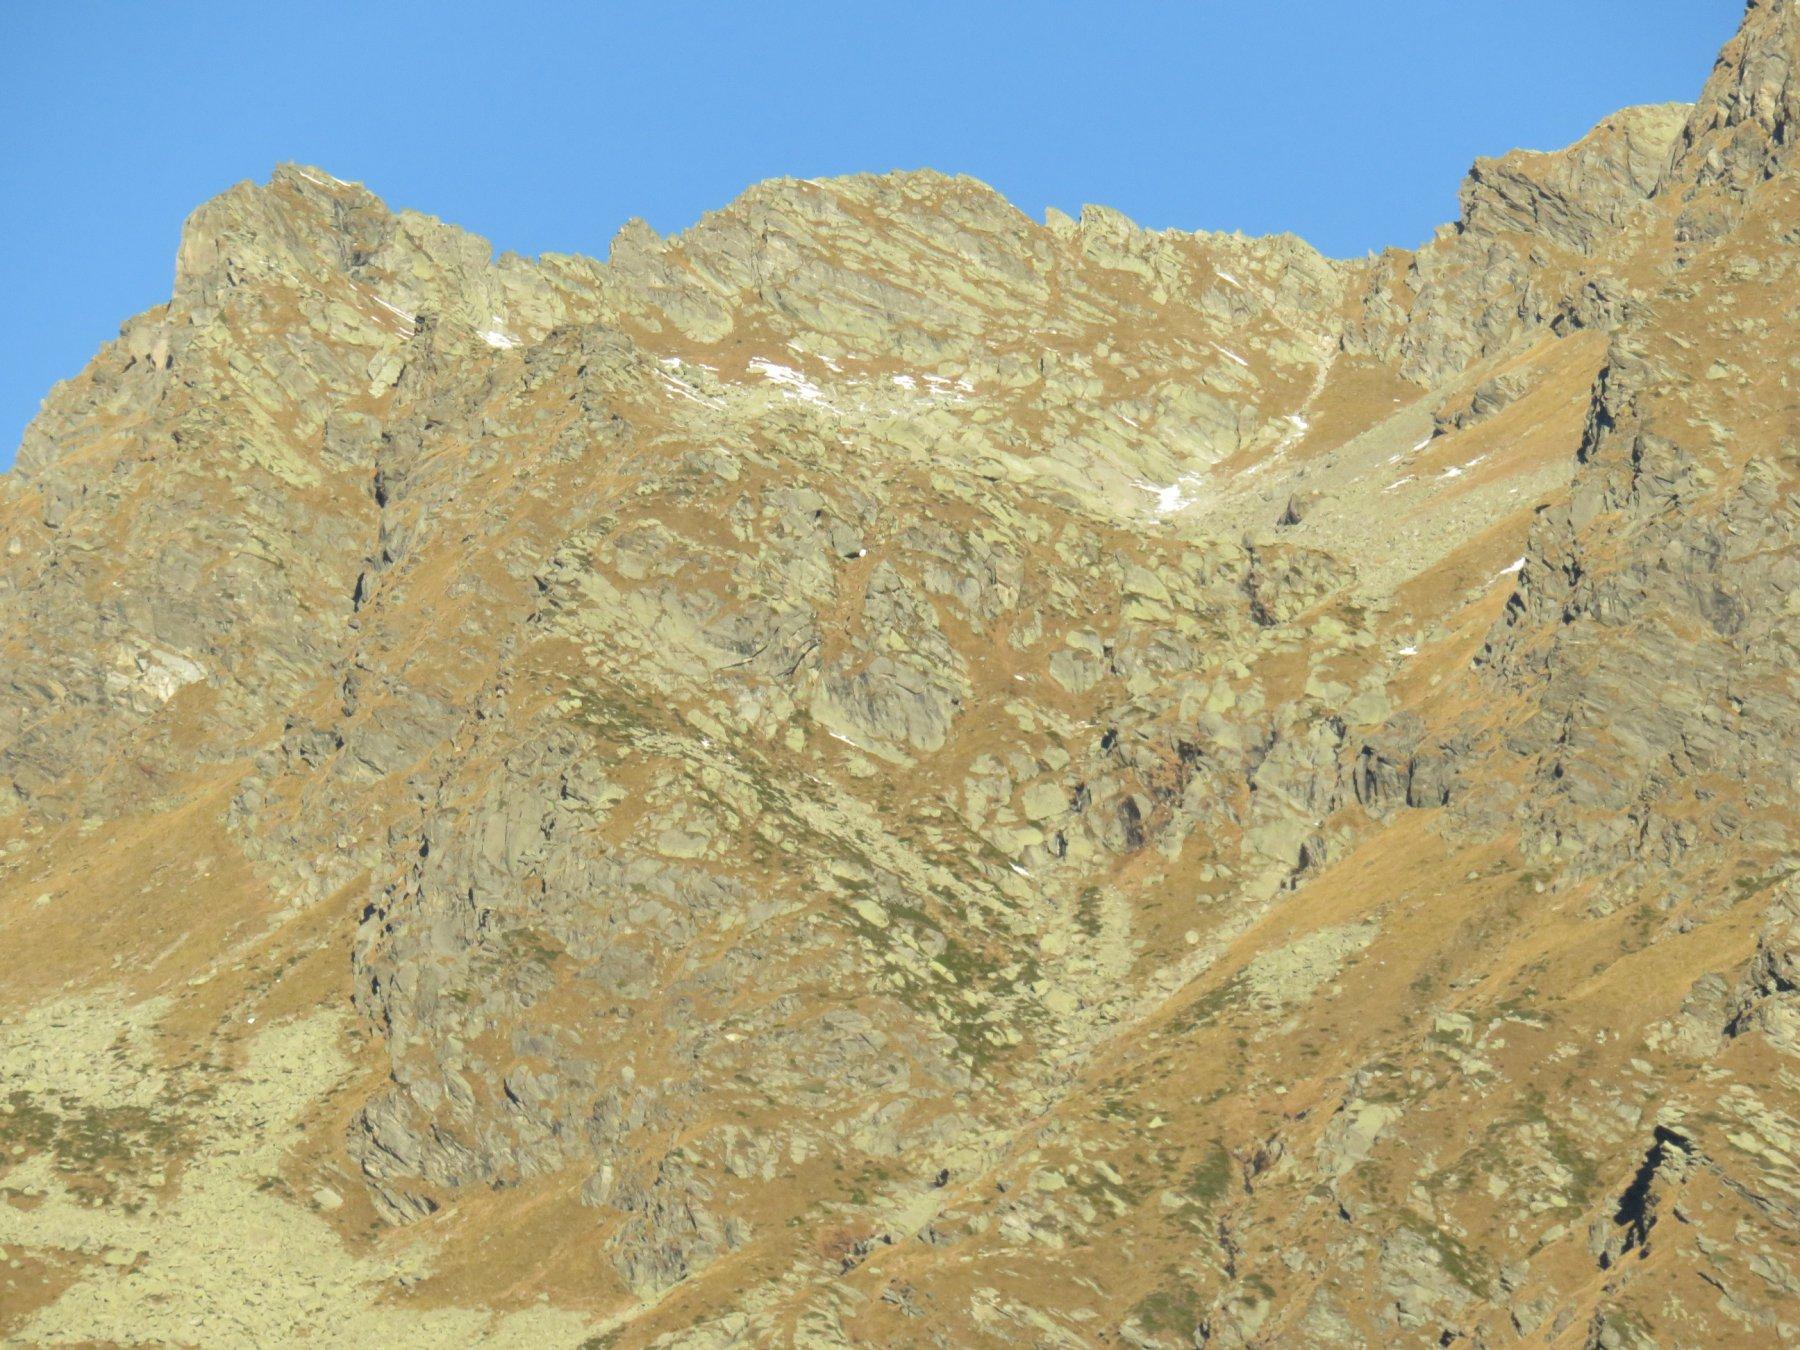 In alto, la conca ove è posto il Laghetto degli Orti